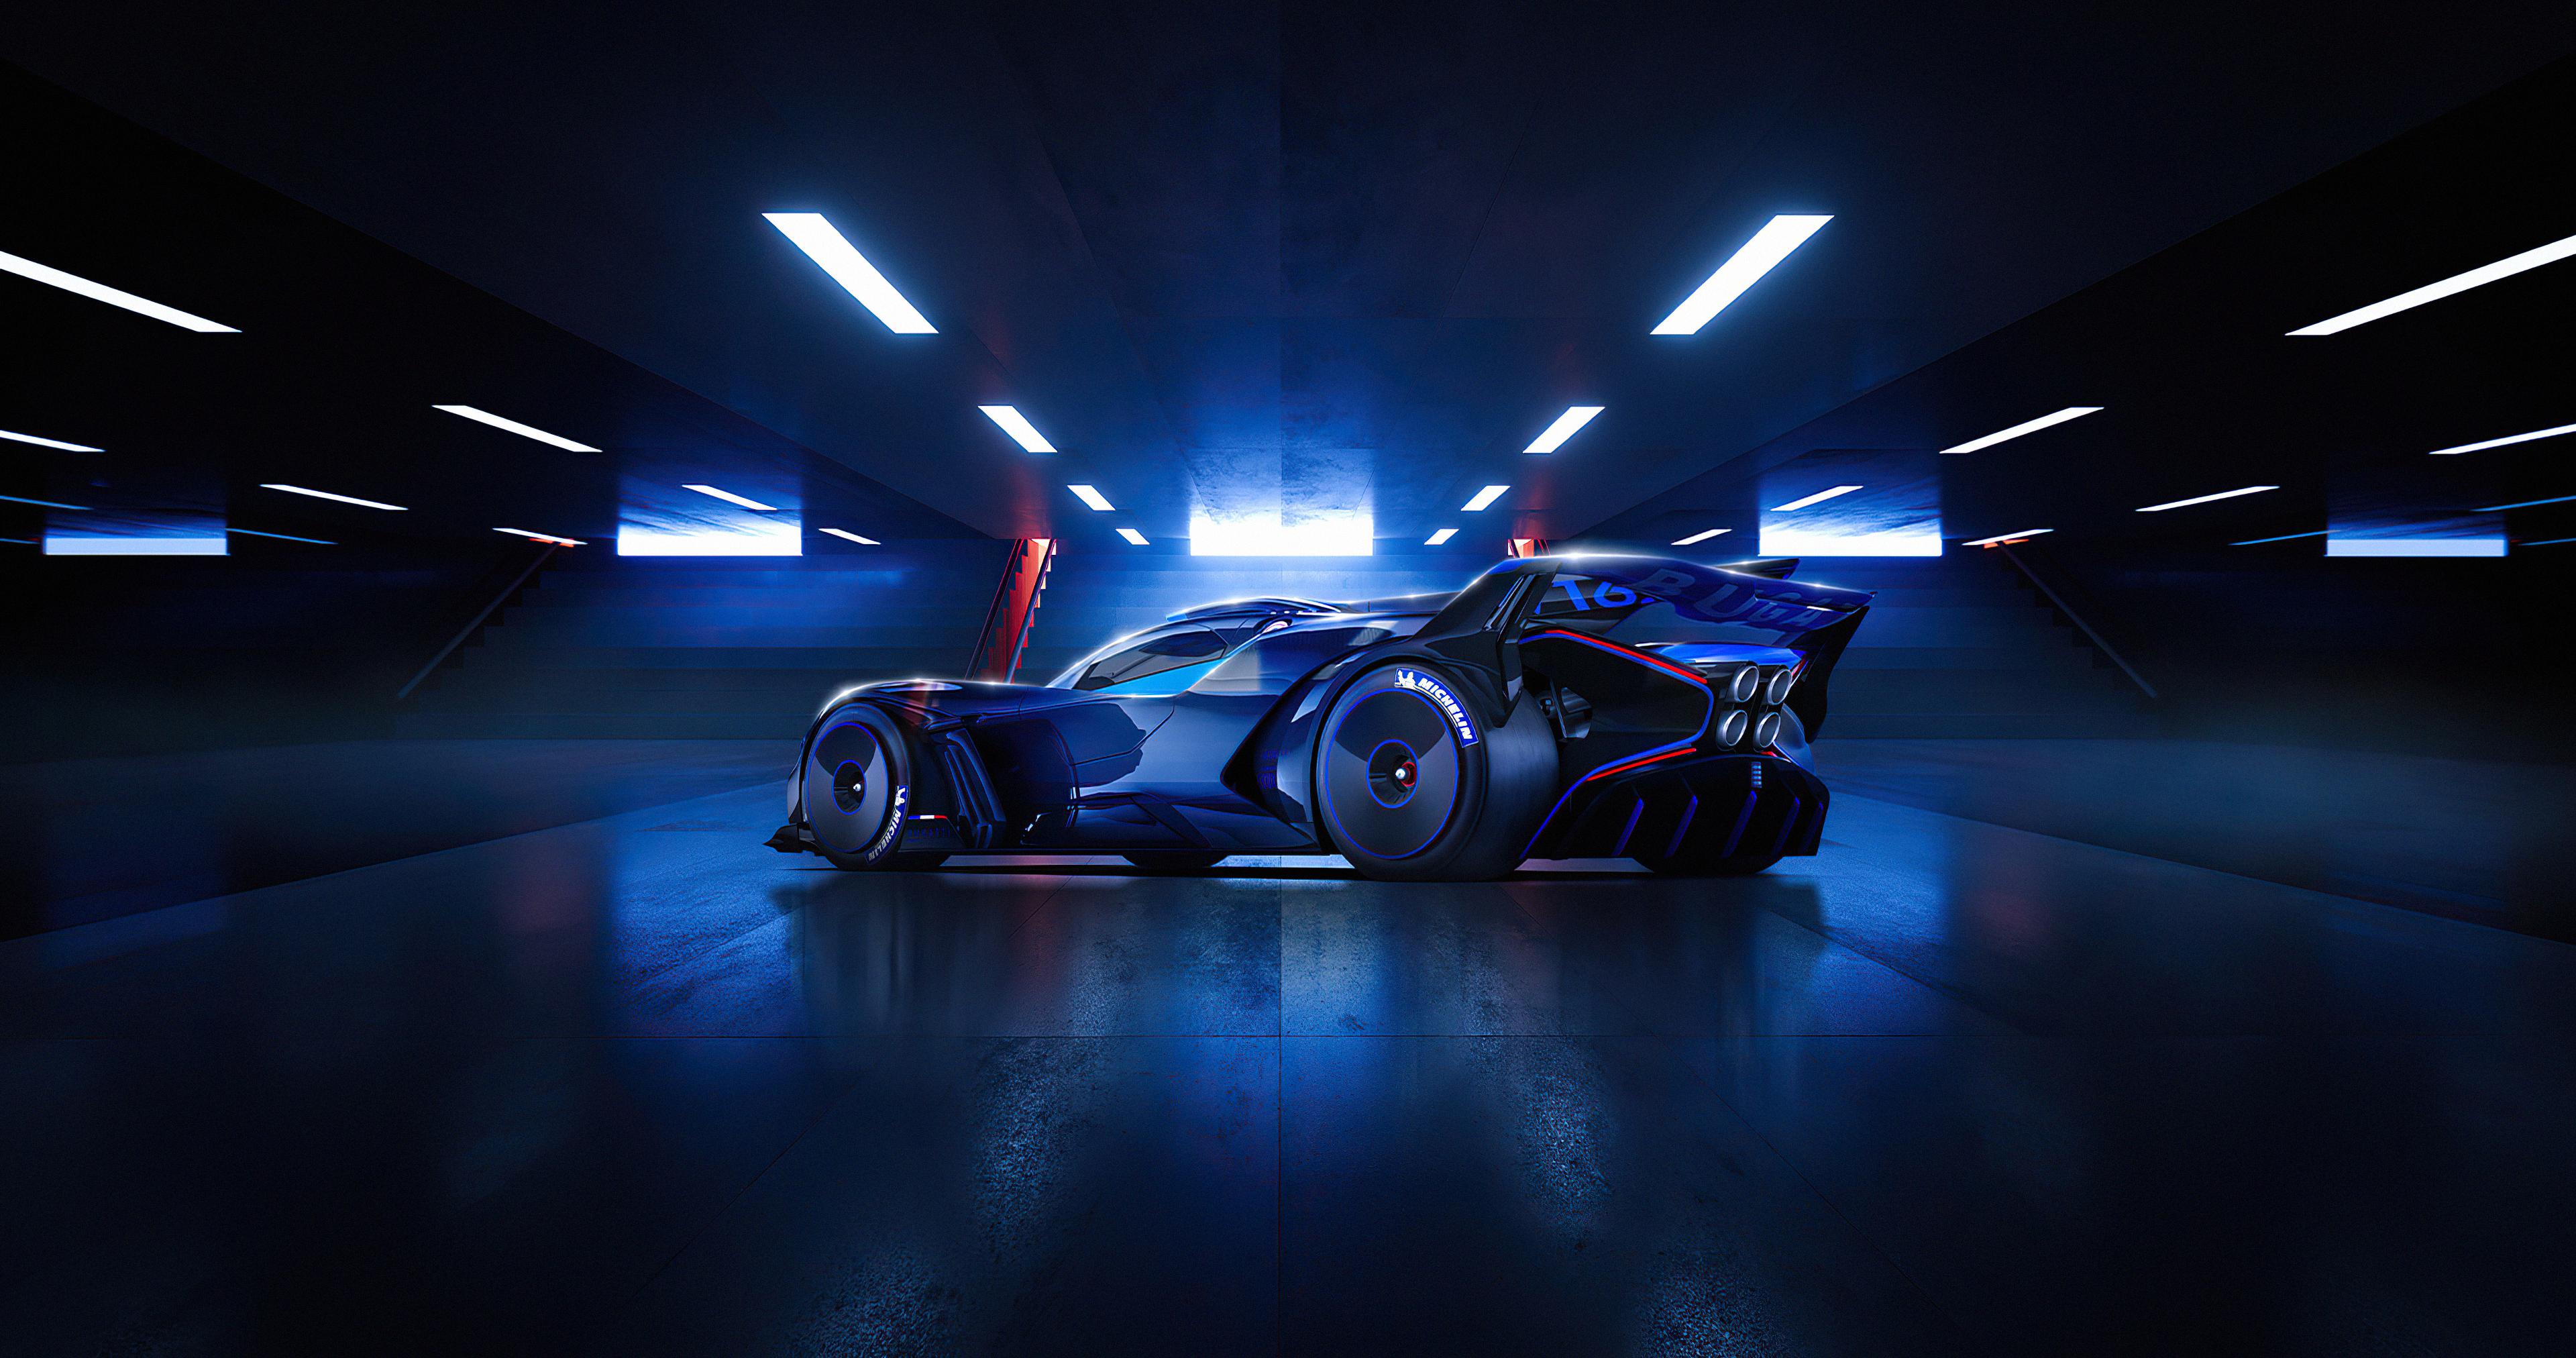 2021 bugatti bolide 4k 1626180135 - 2021 Bugatti Bolide 4k - 2021 Bugatti Bolide 4k wallpapers